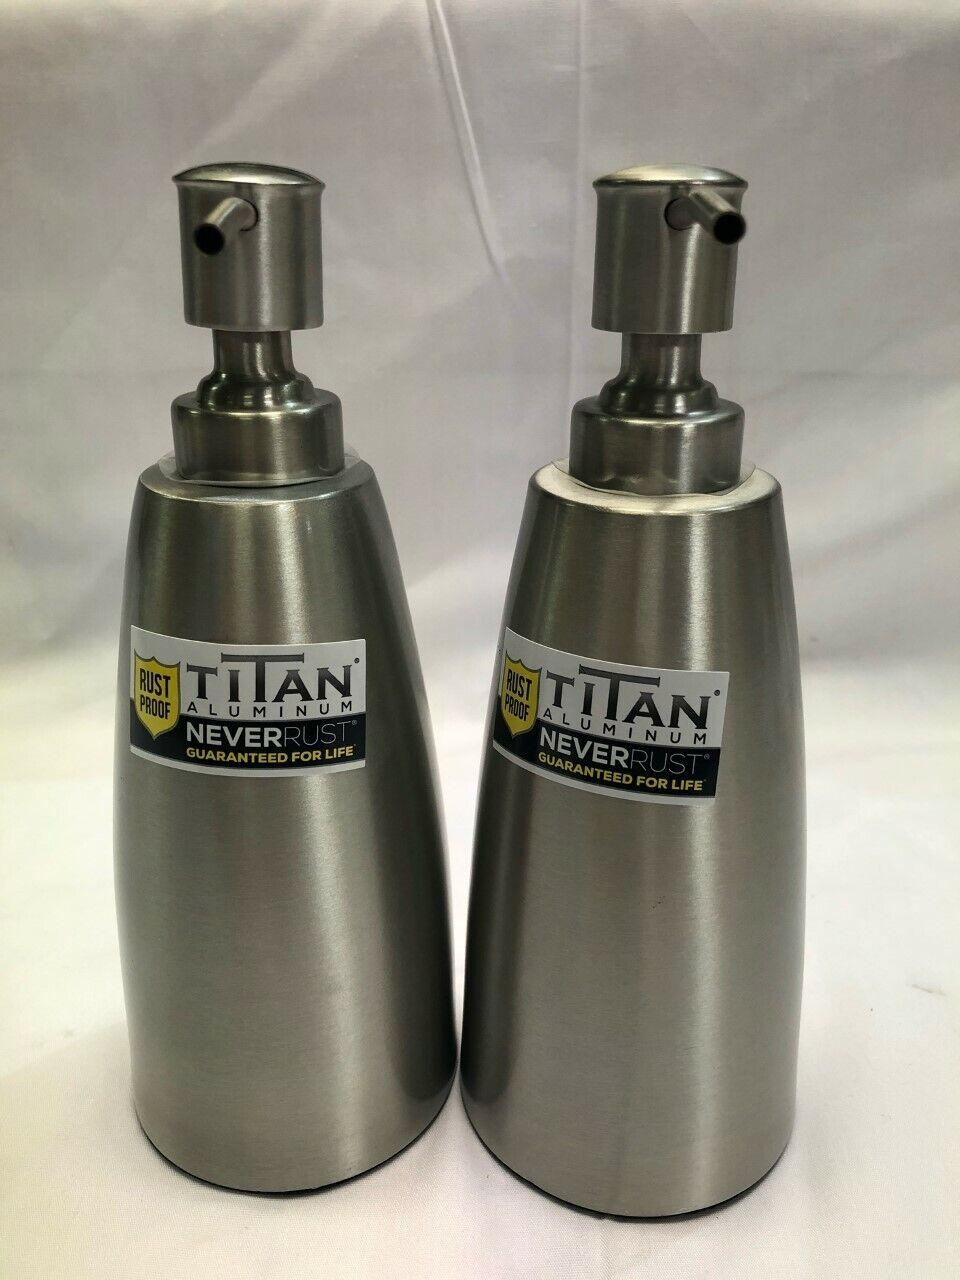 Pack of 2 Titan Meddie Rust Proof Lotion Dispenser, Brushed Nickel